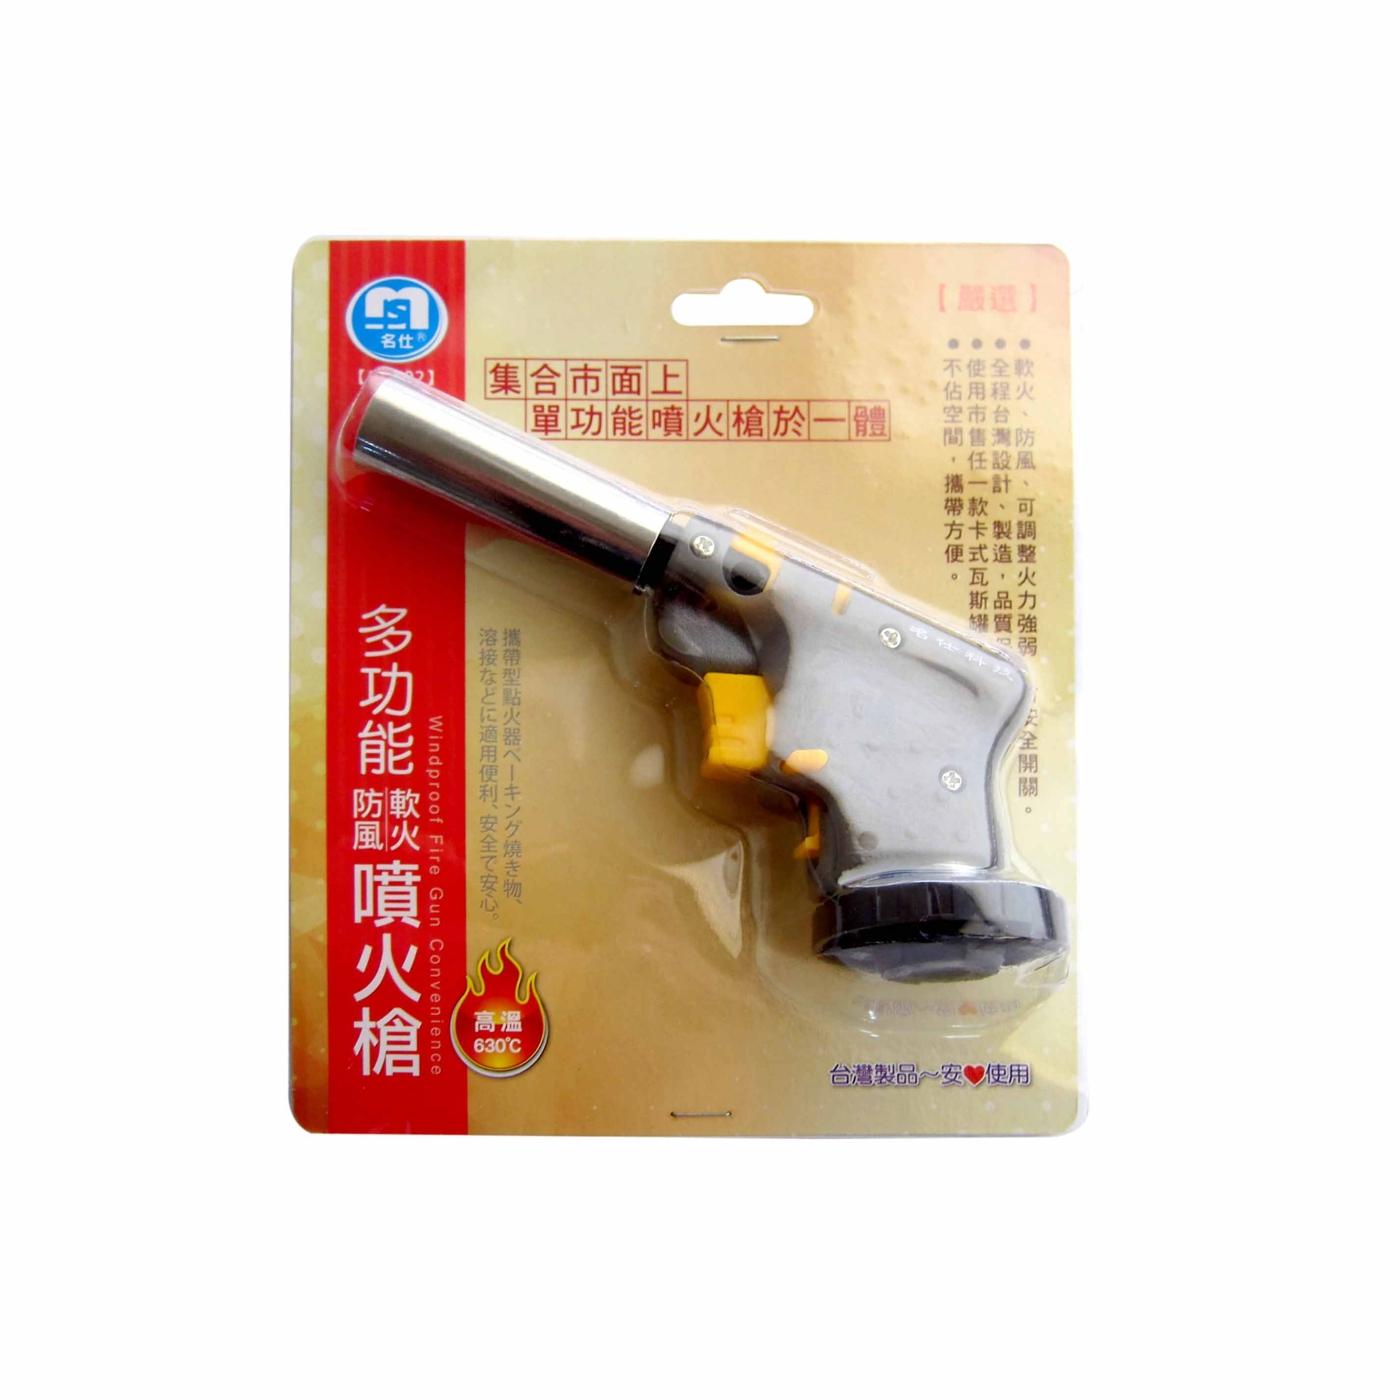 名仕多功能噴火槍(BH502)/點火槍_台灣製造